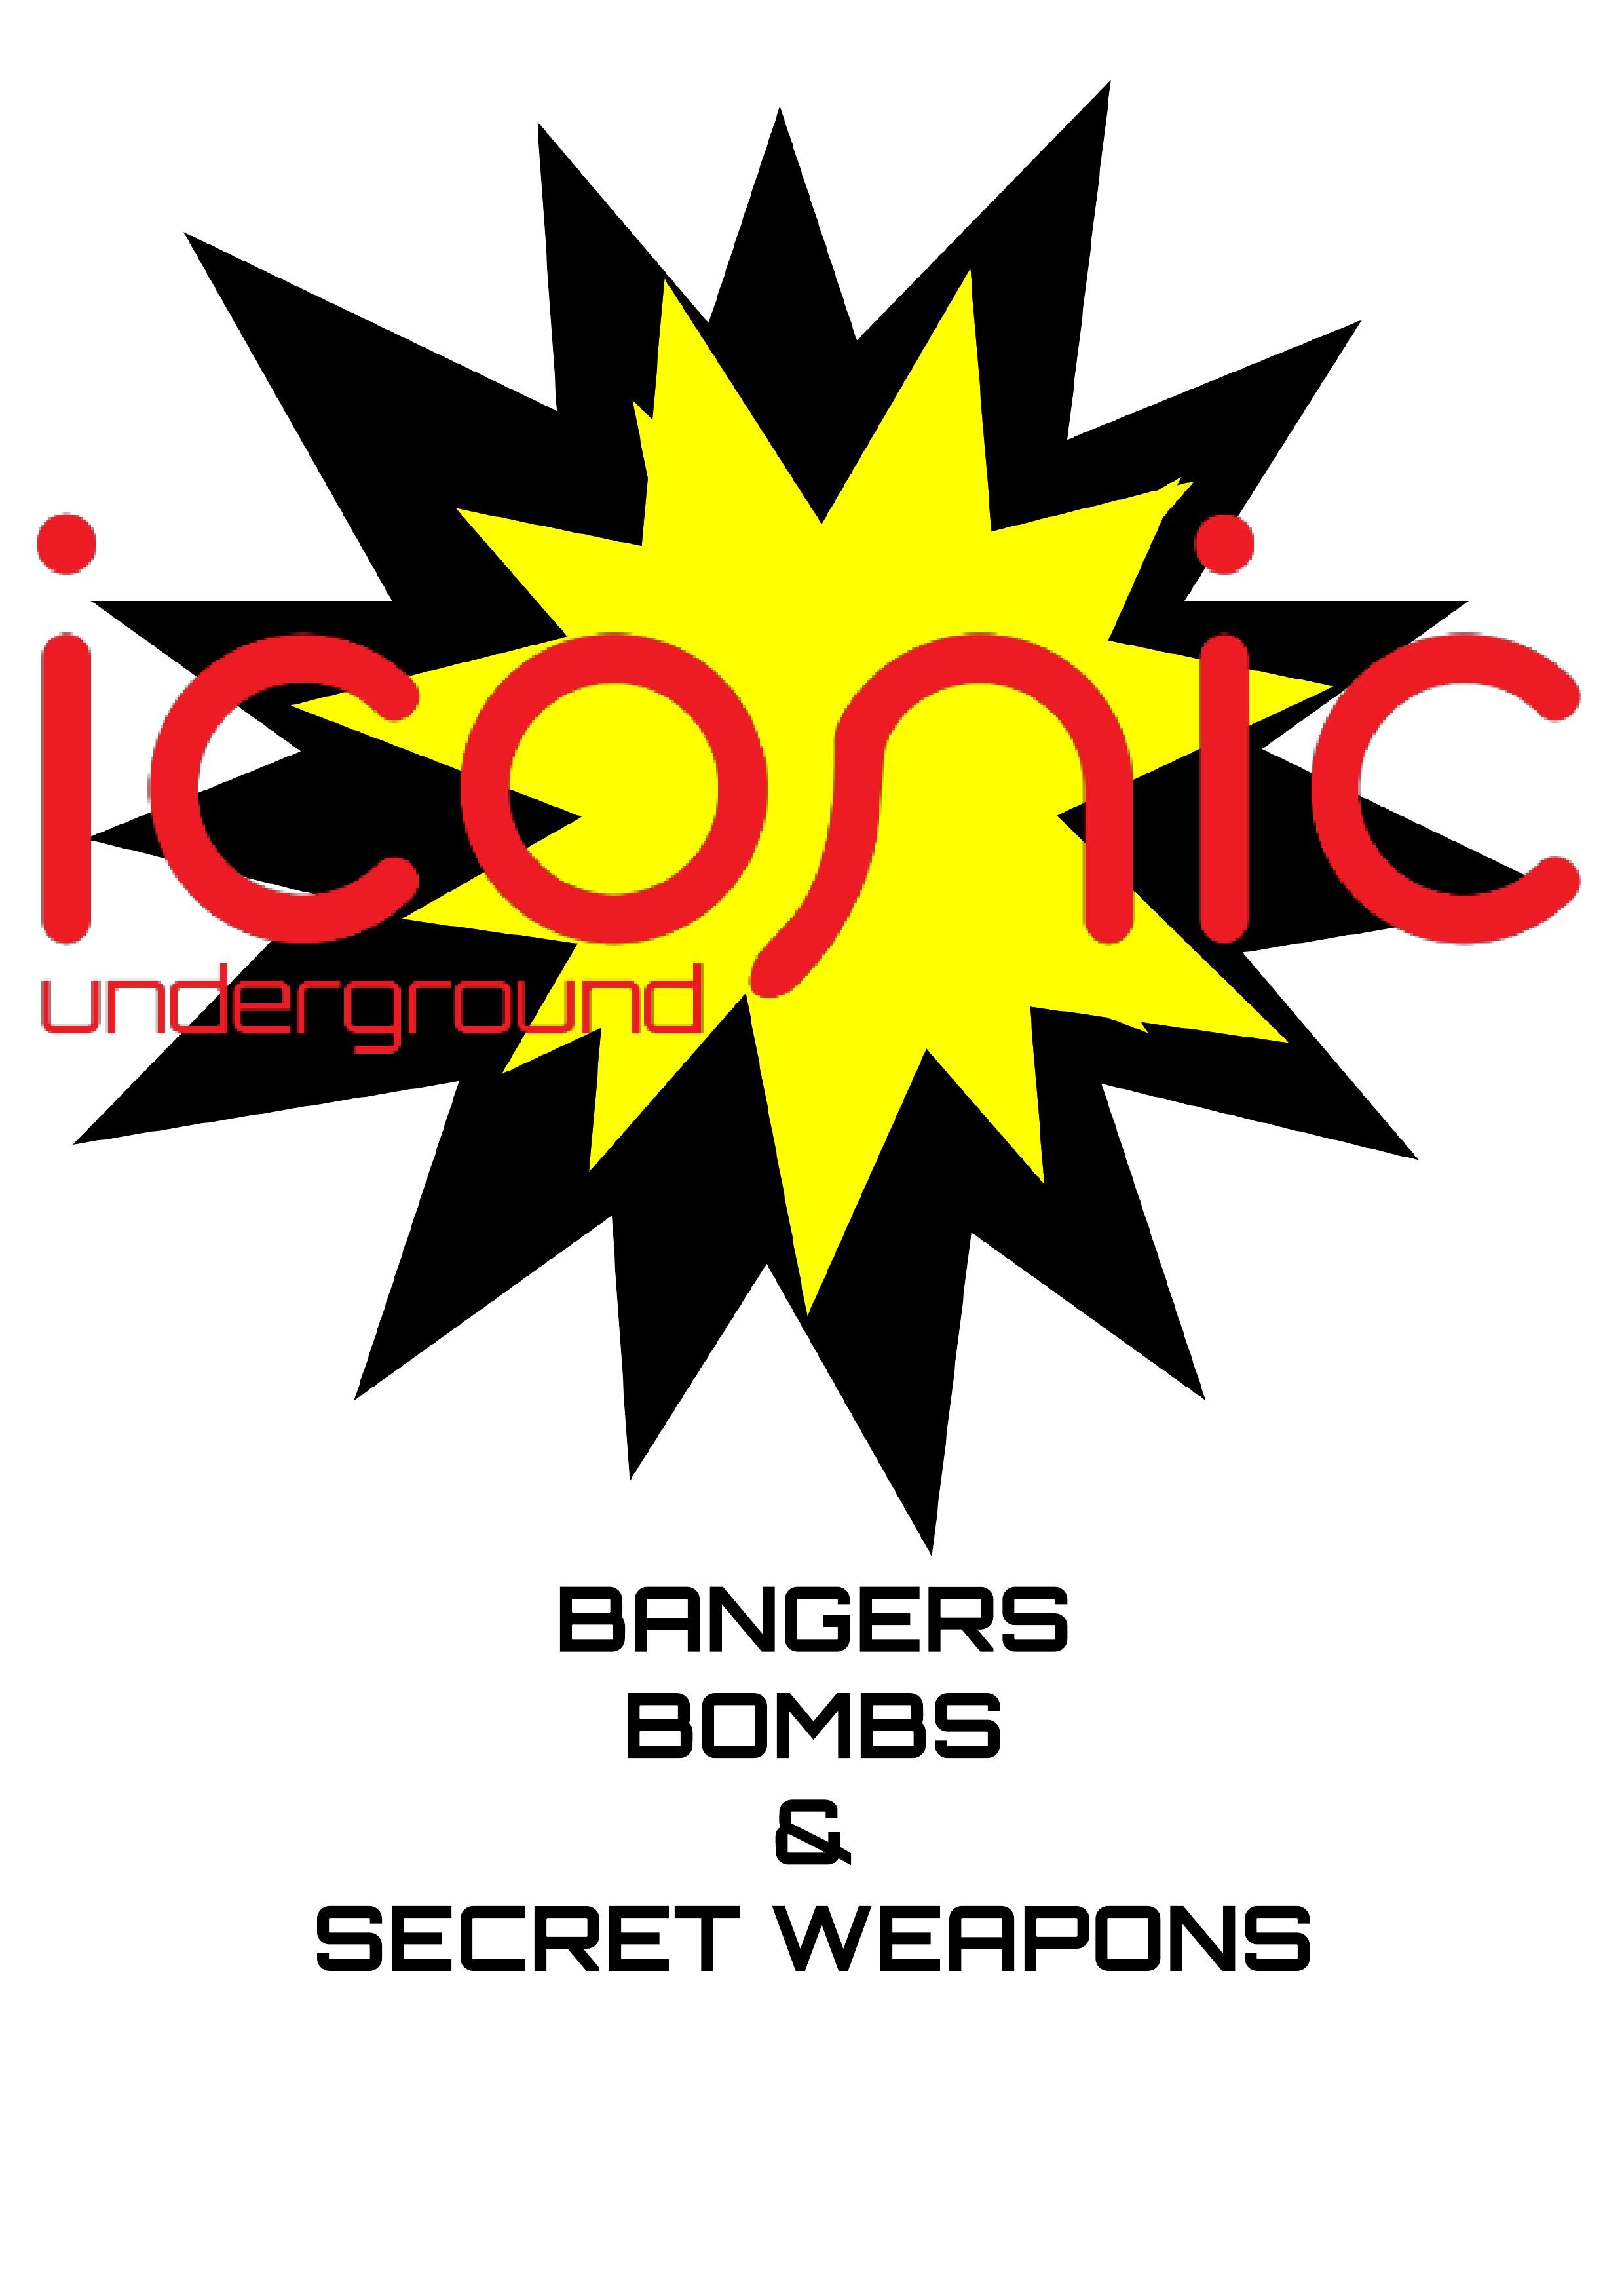 Iconics Explosive New Logo